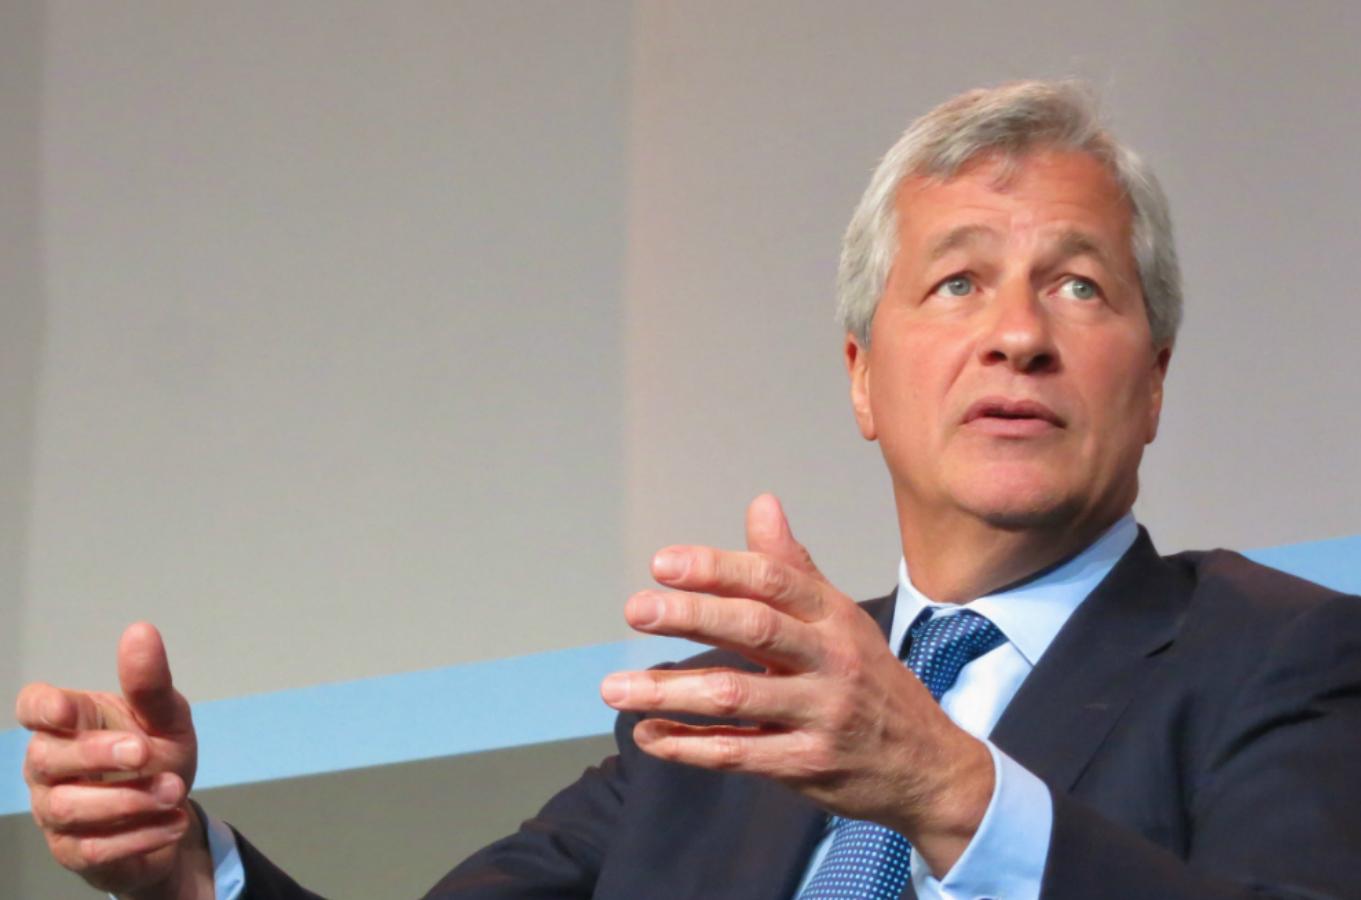 Самое важное  то, как вы справляетесь с неудачами. Глава JPMorgan дал совет, как добиться успеха в карьере